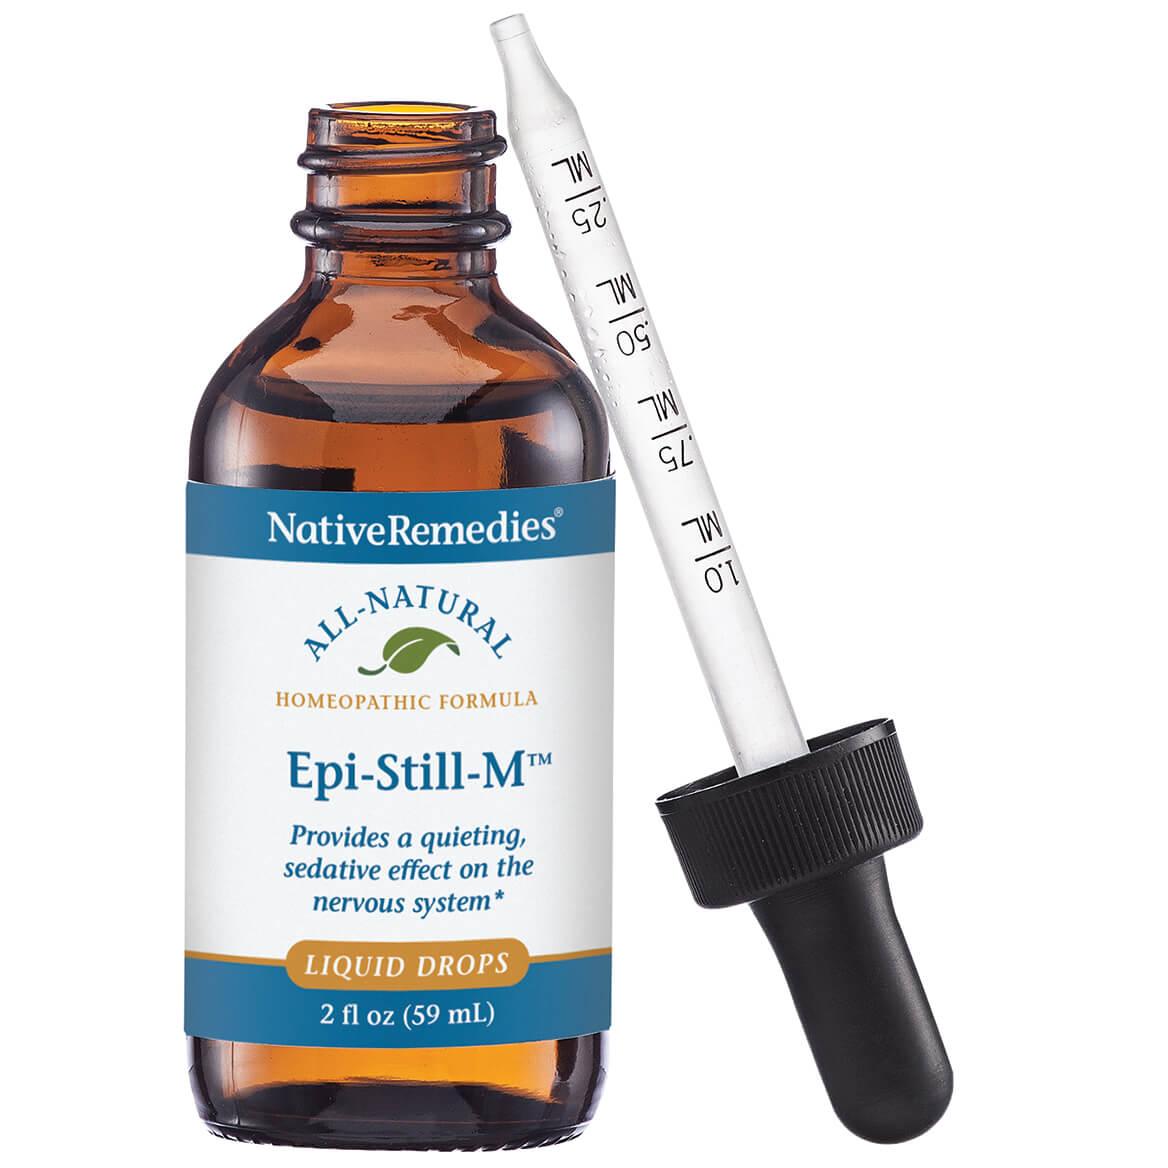 Epi-Still-M™ for Nervous System Calm-352534